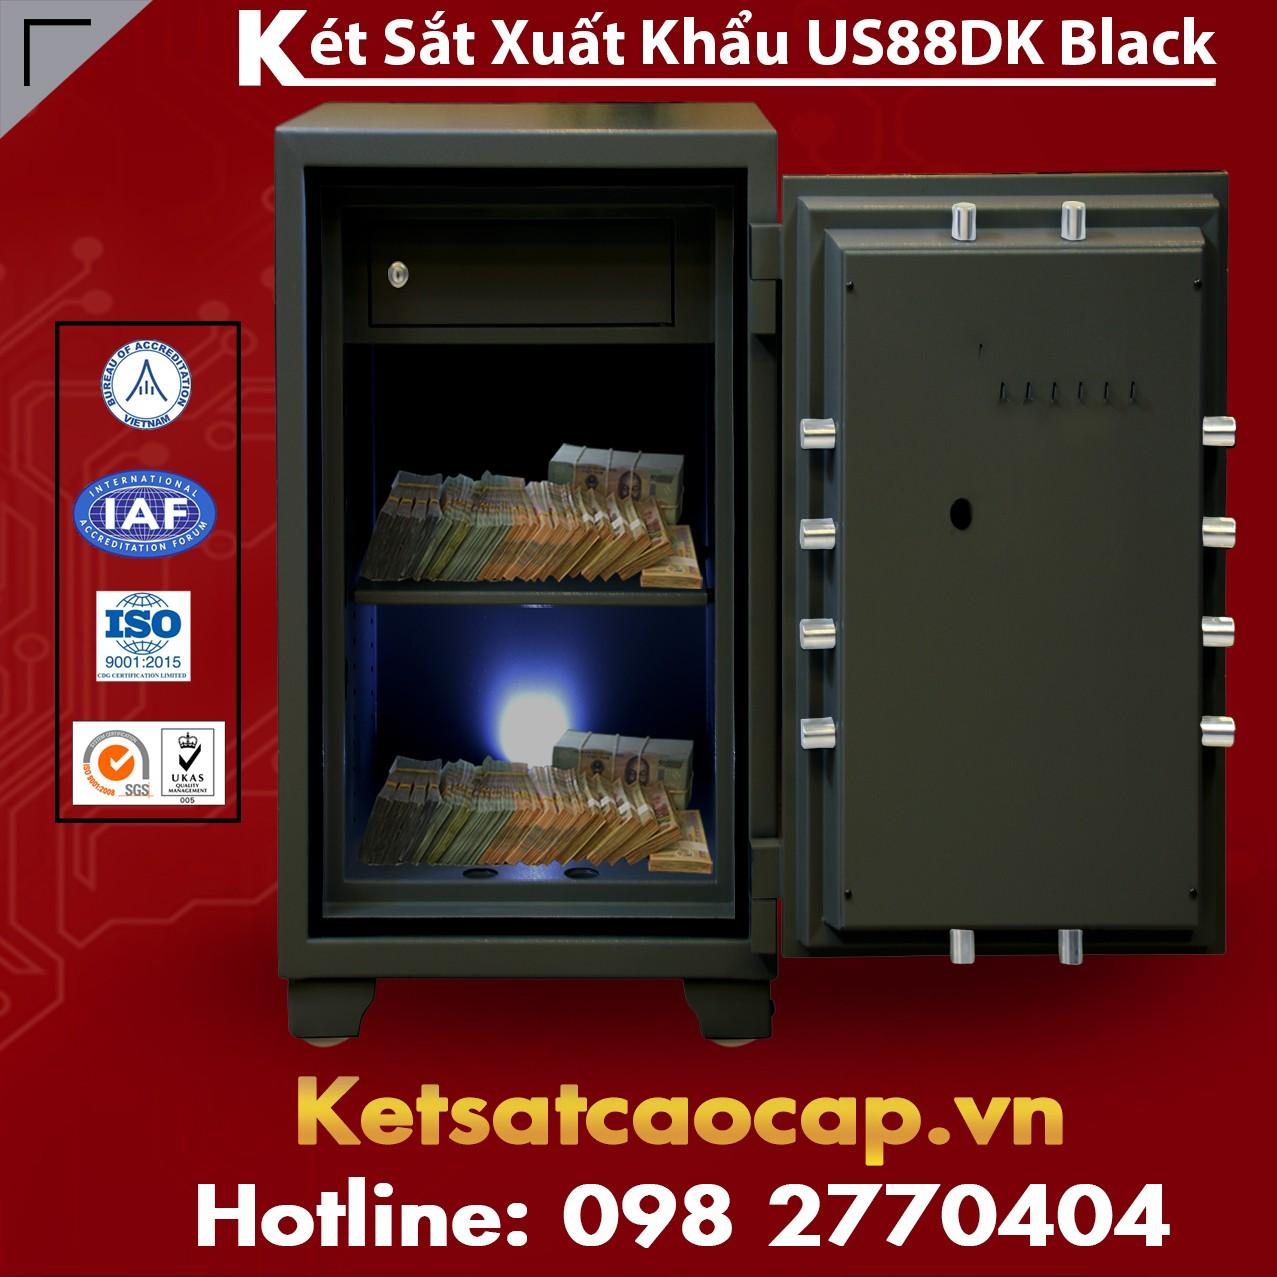 Két Sắt Xuất Khẩu US88 DK Black Miễn Phí Vận Chuyển Bảo Hành Trọn Đời